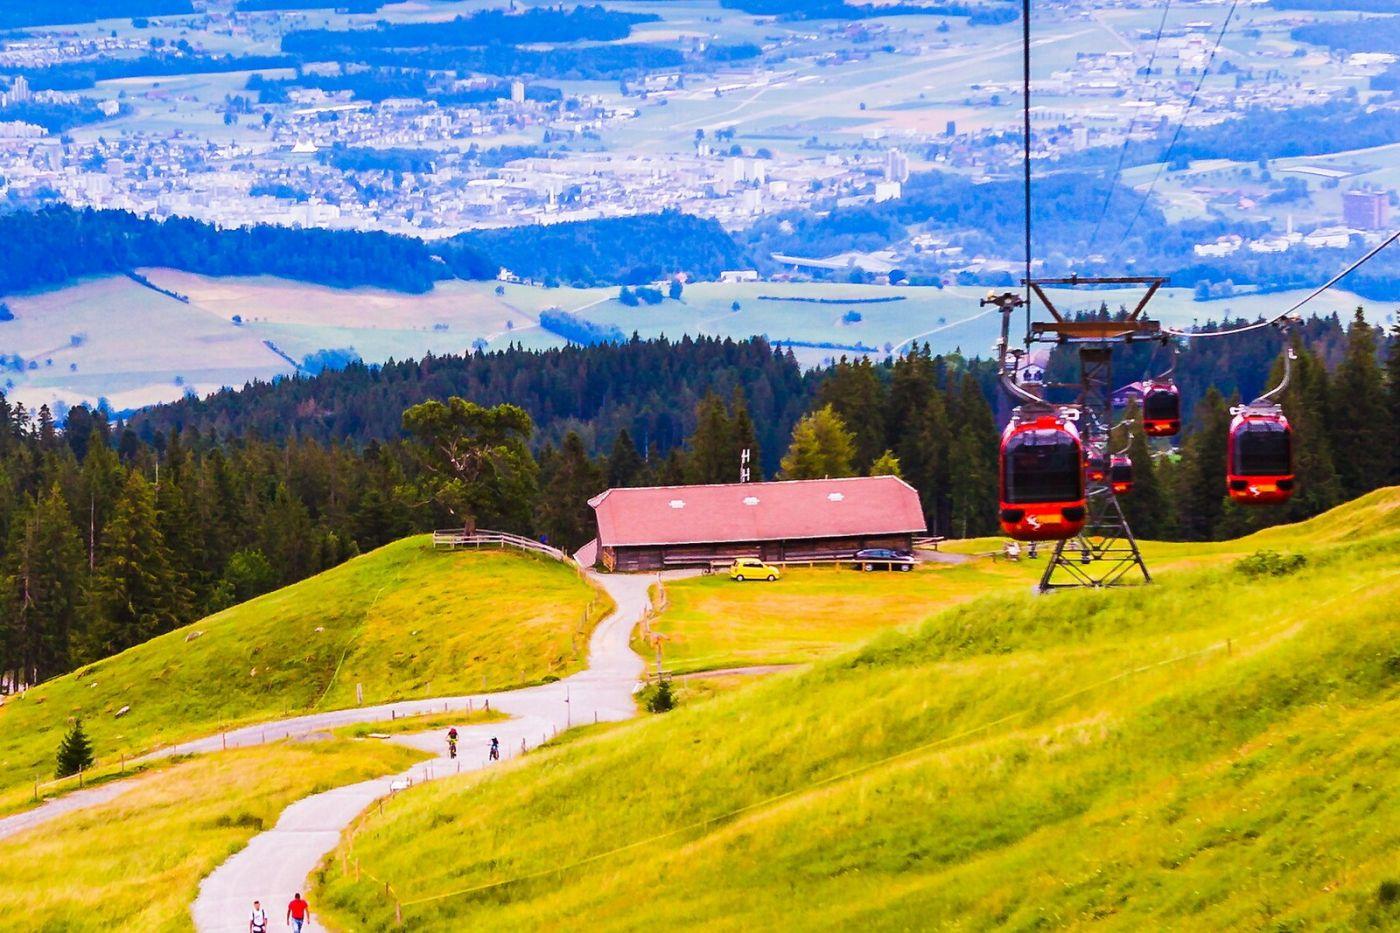 瑞士卢塞恩(Lucerne),坐缆车看风景_图1-24